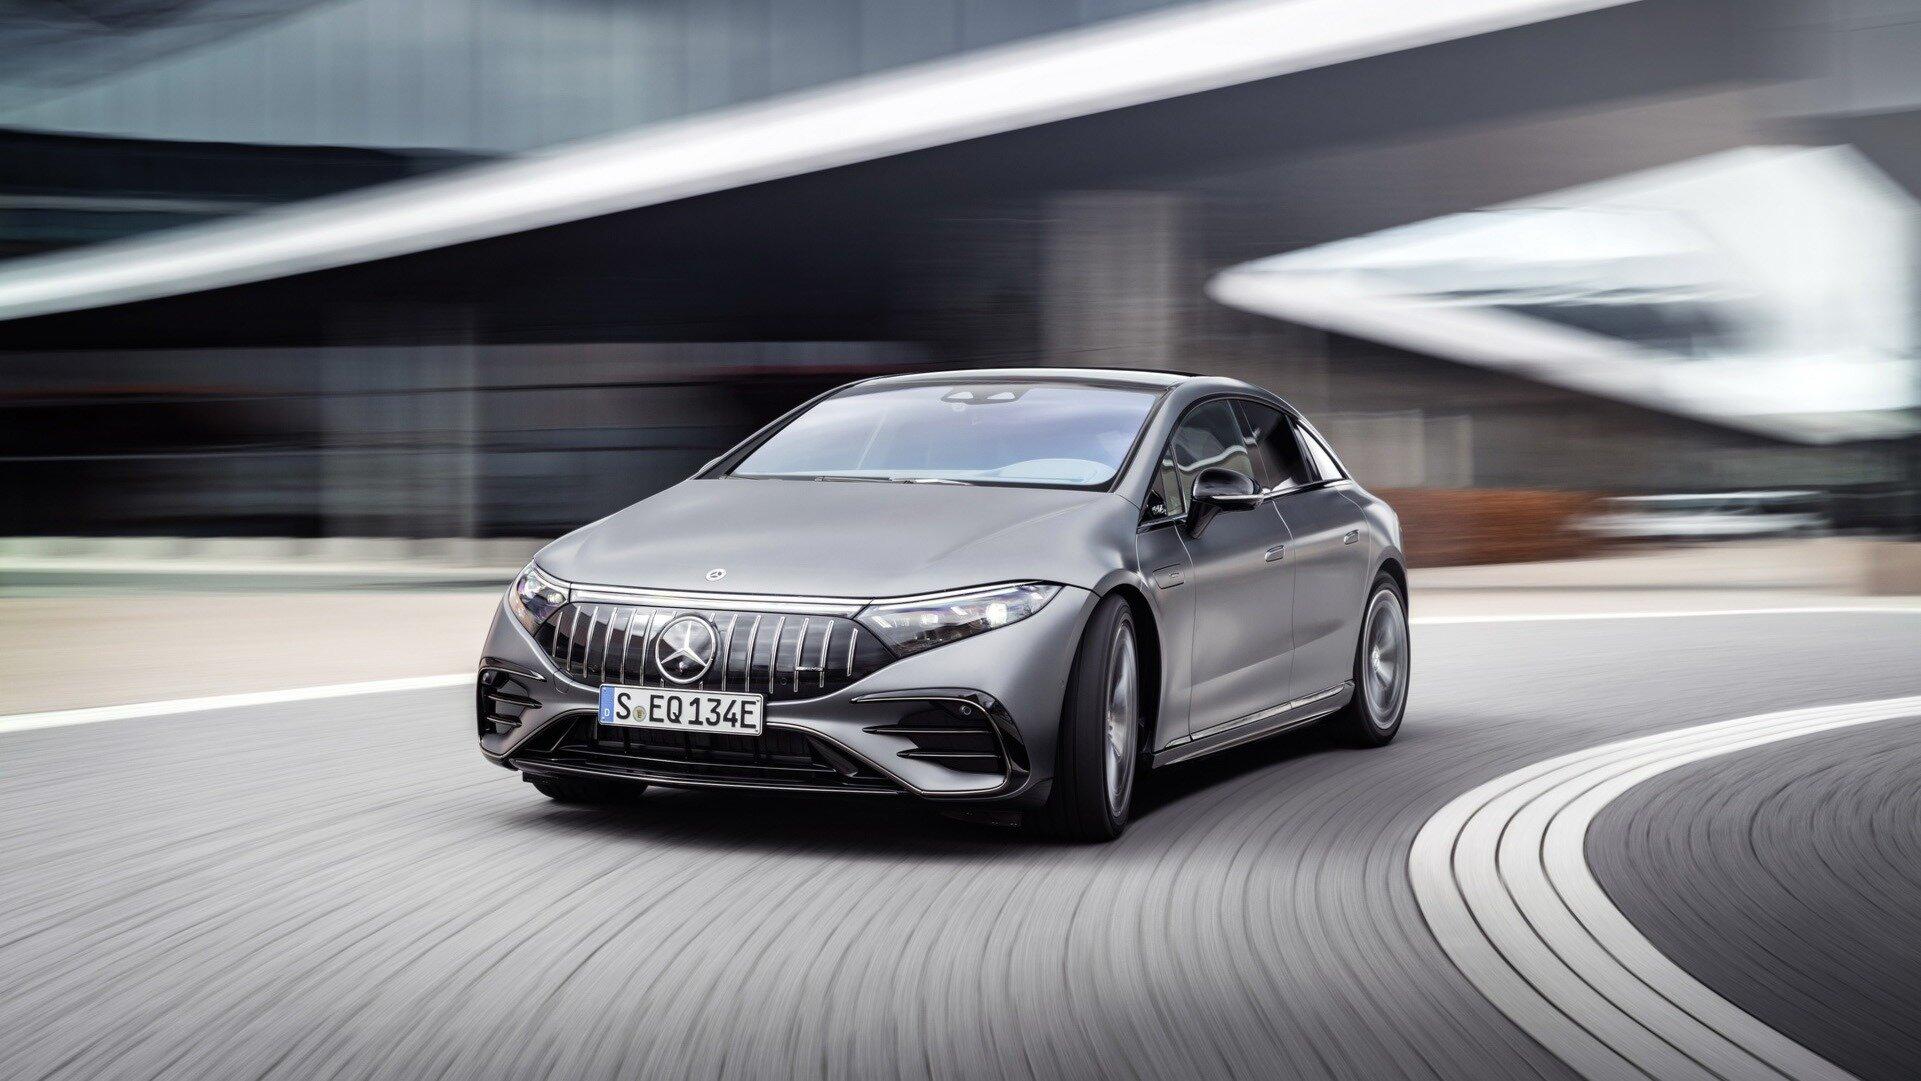 Флагманский электрокар Mercedes-Benz получил AMG-версию: 3,4 секунды до 100 км/ч и имитация звука мотора